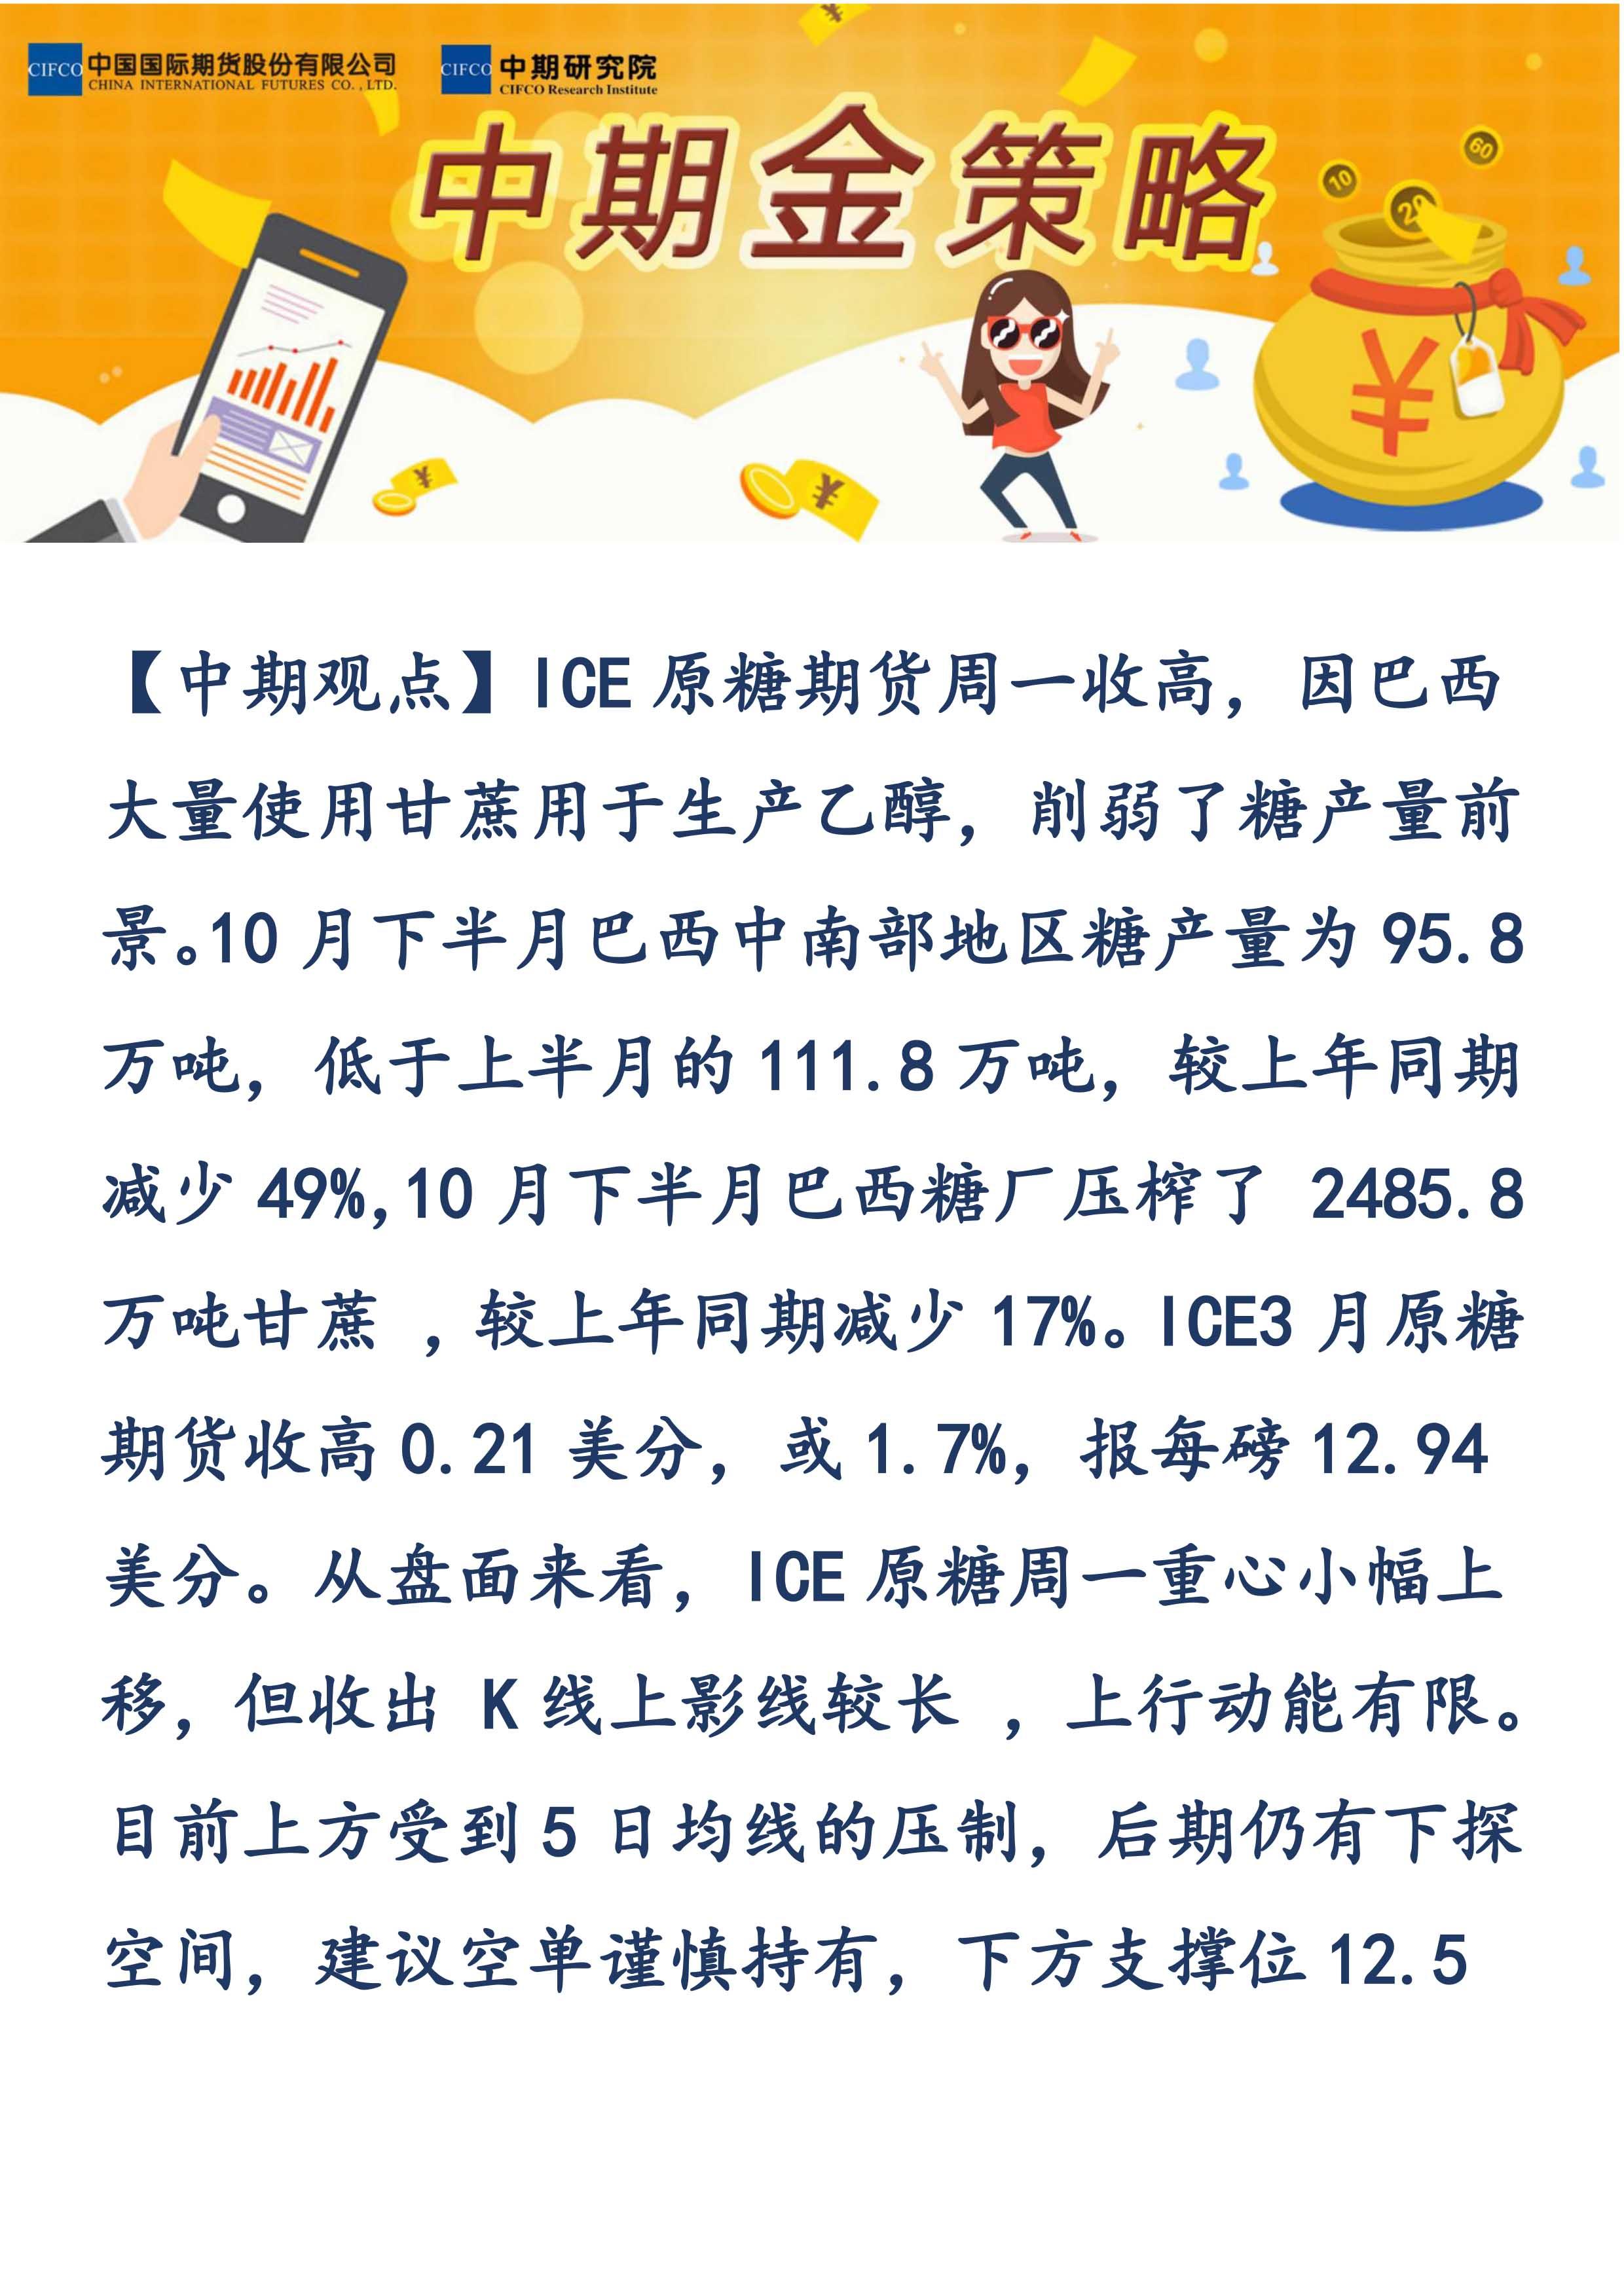 【易胜博金策略】-2018.jpg